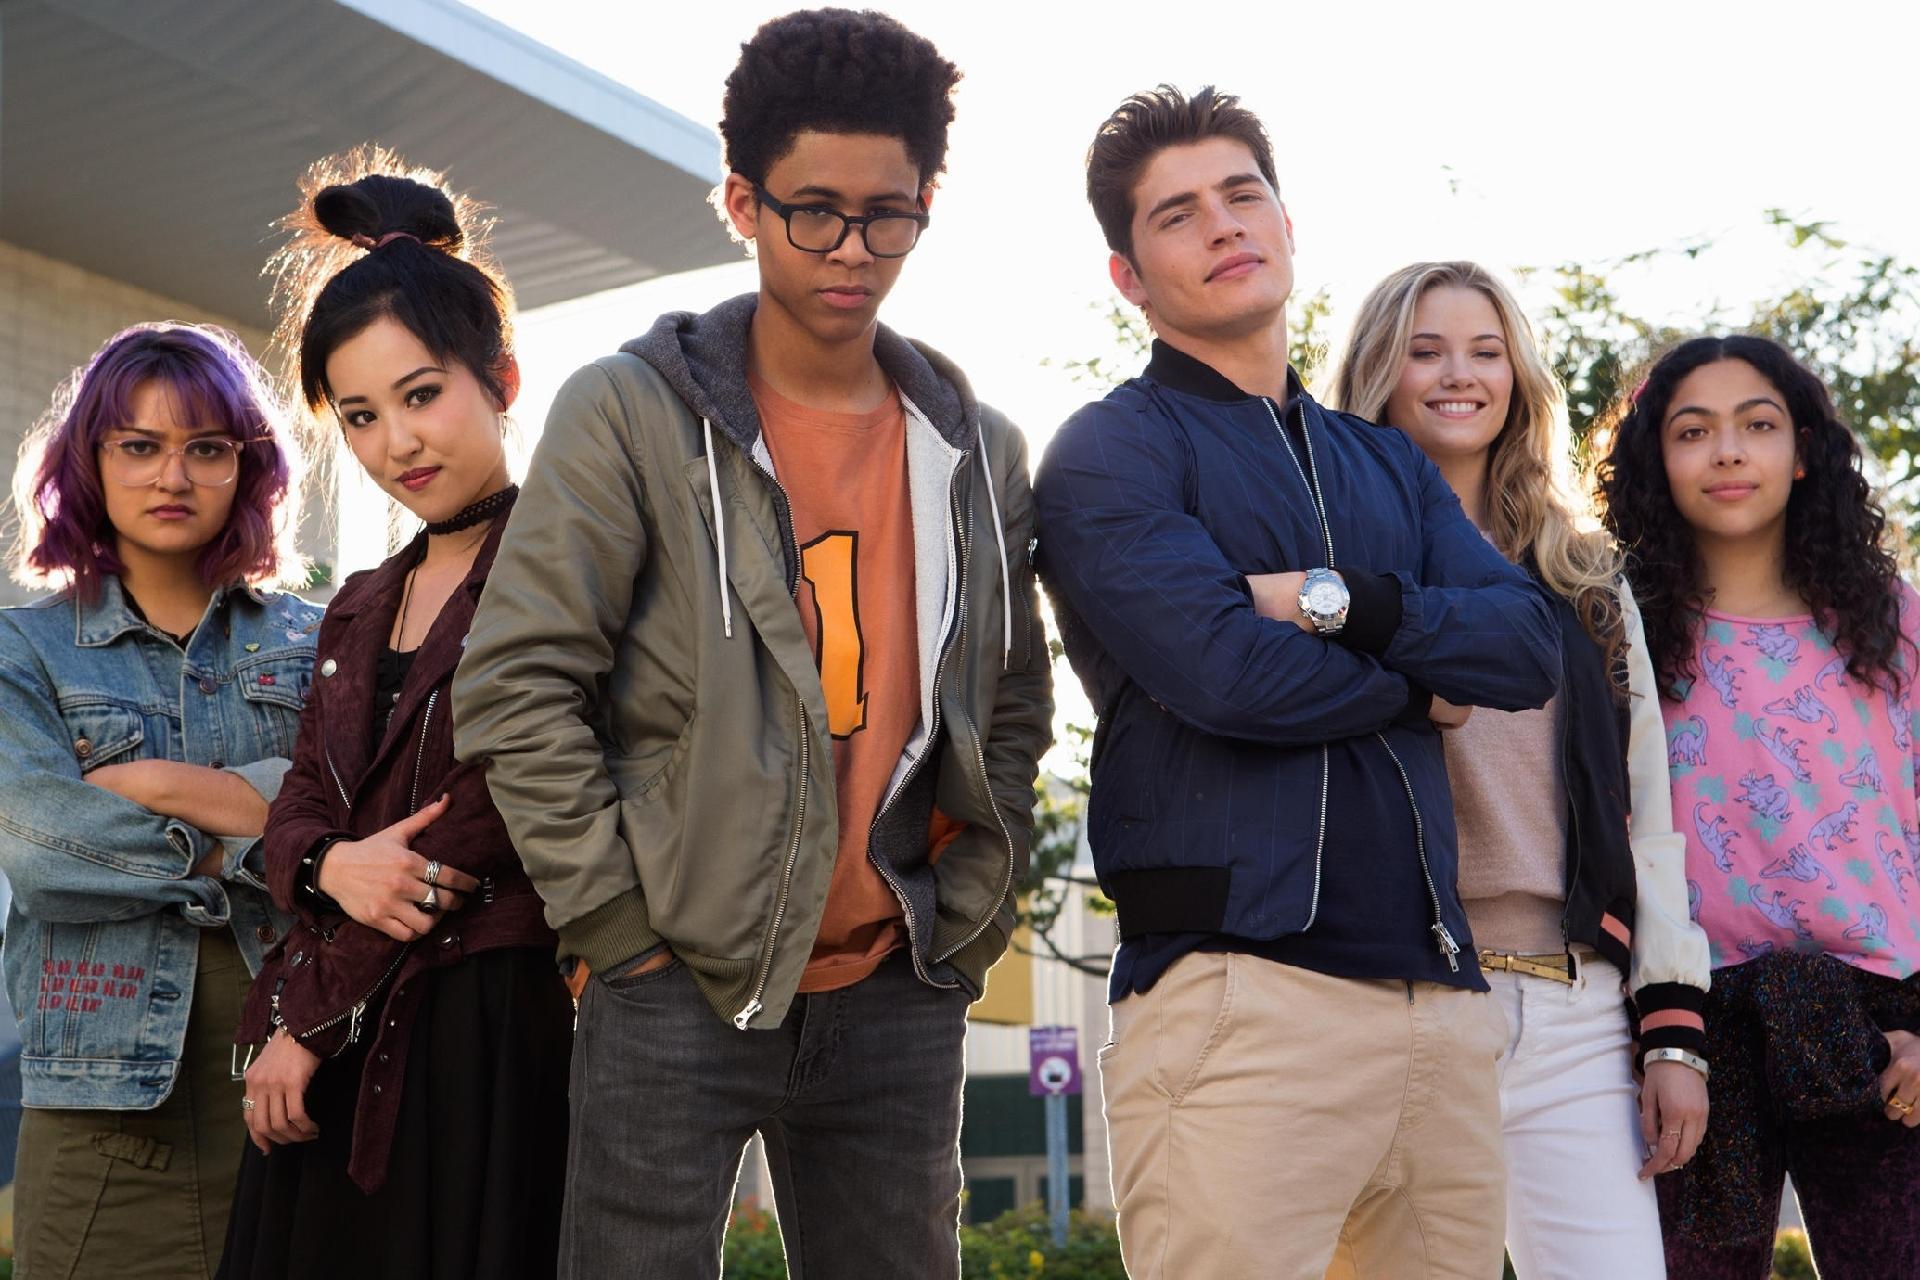 Fugitivos, da Marvel, vai terminar após terceira temporada; veja trailer -  18/11/2019 - UOL Entretenimento